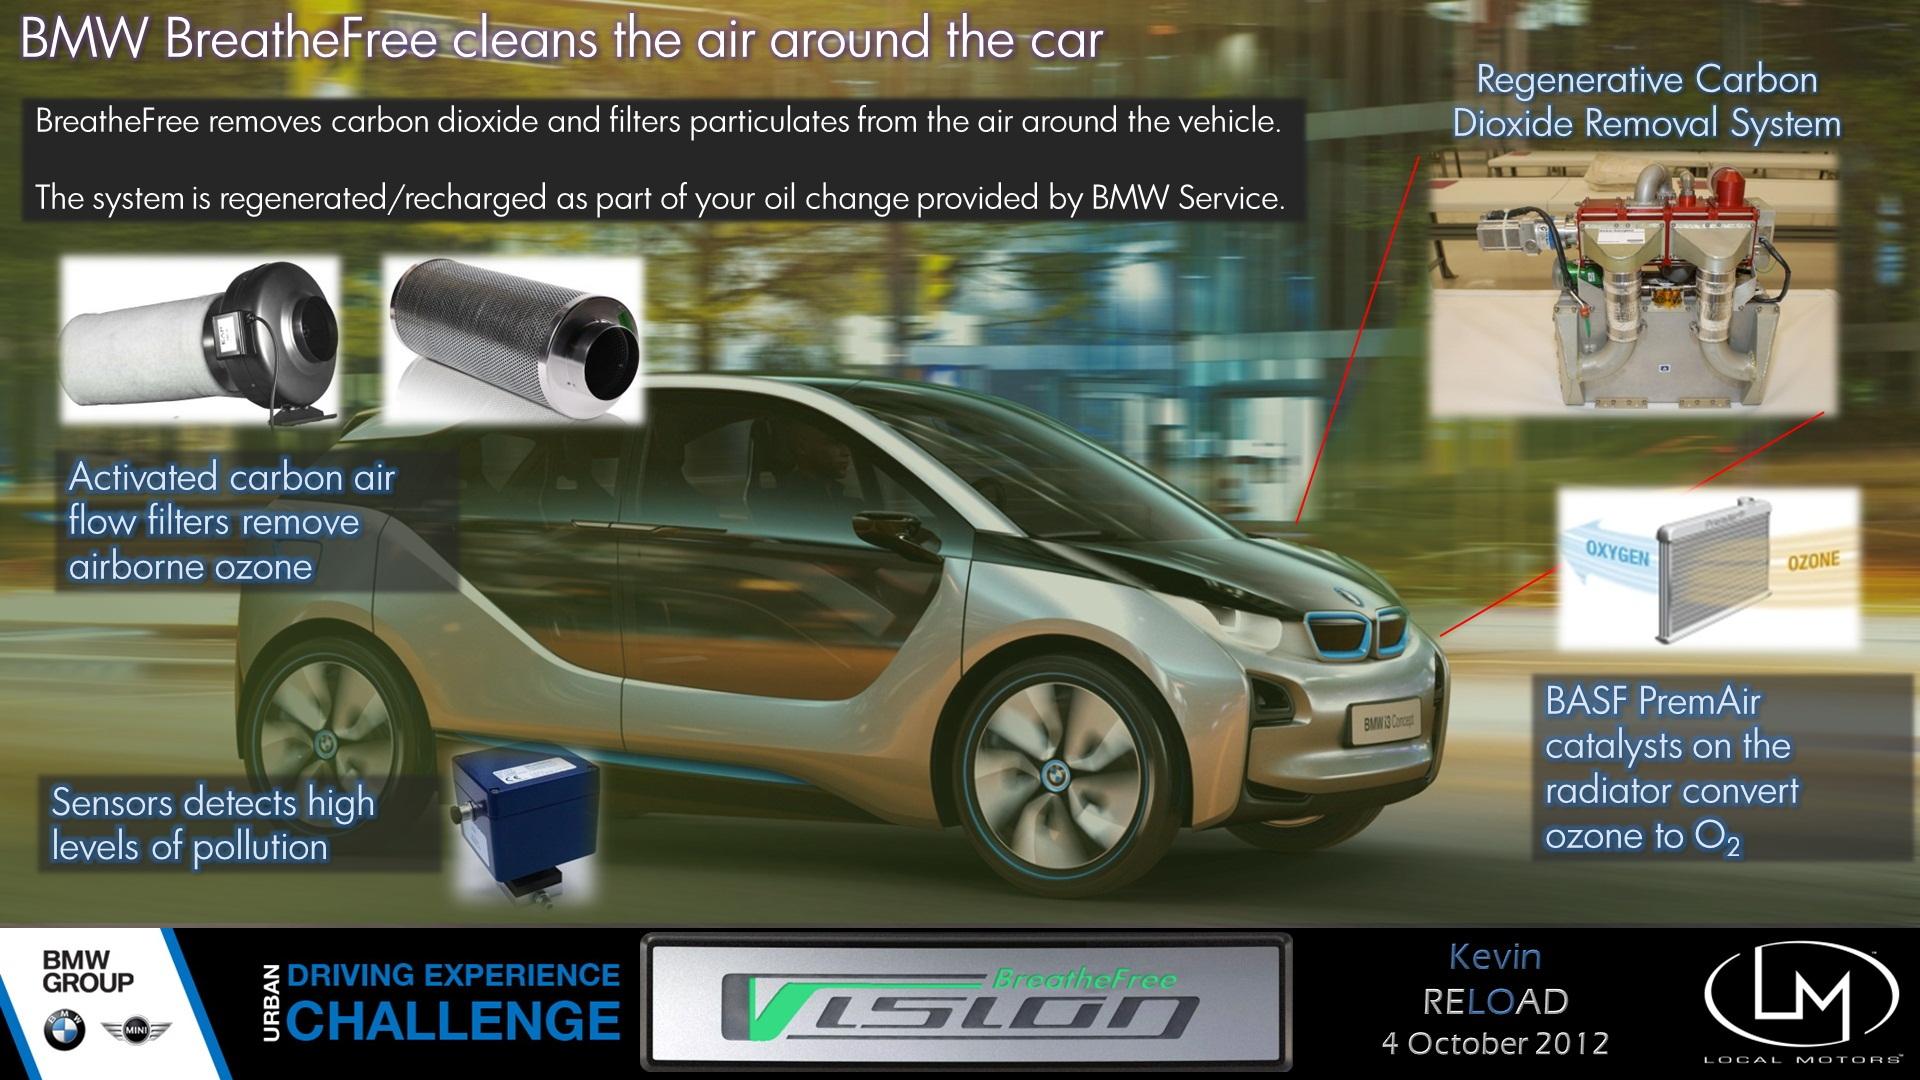 Kevin Lo's BMW Vision BreatheFree concept